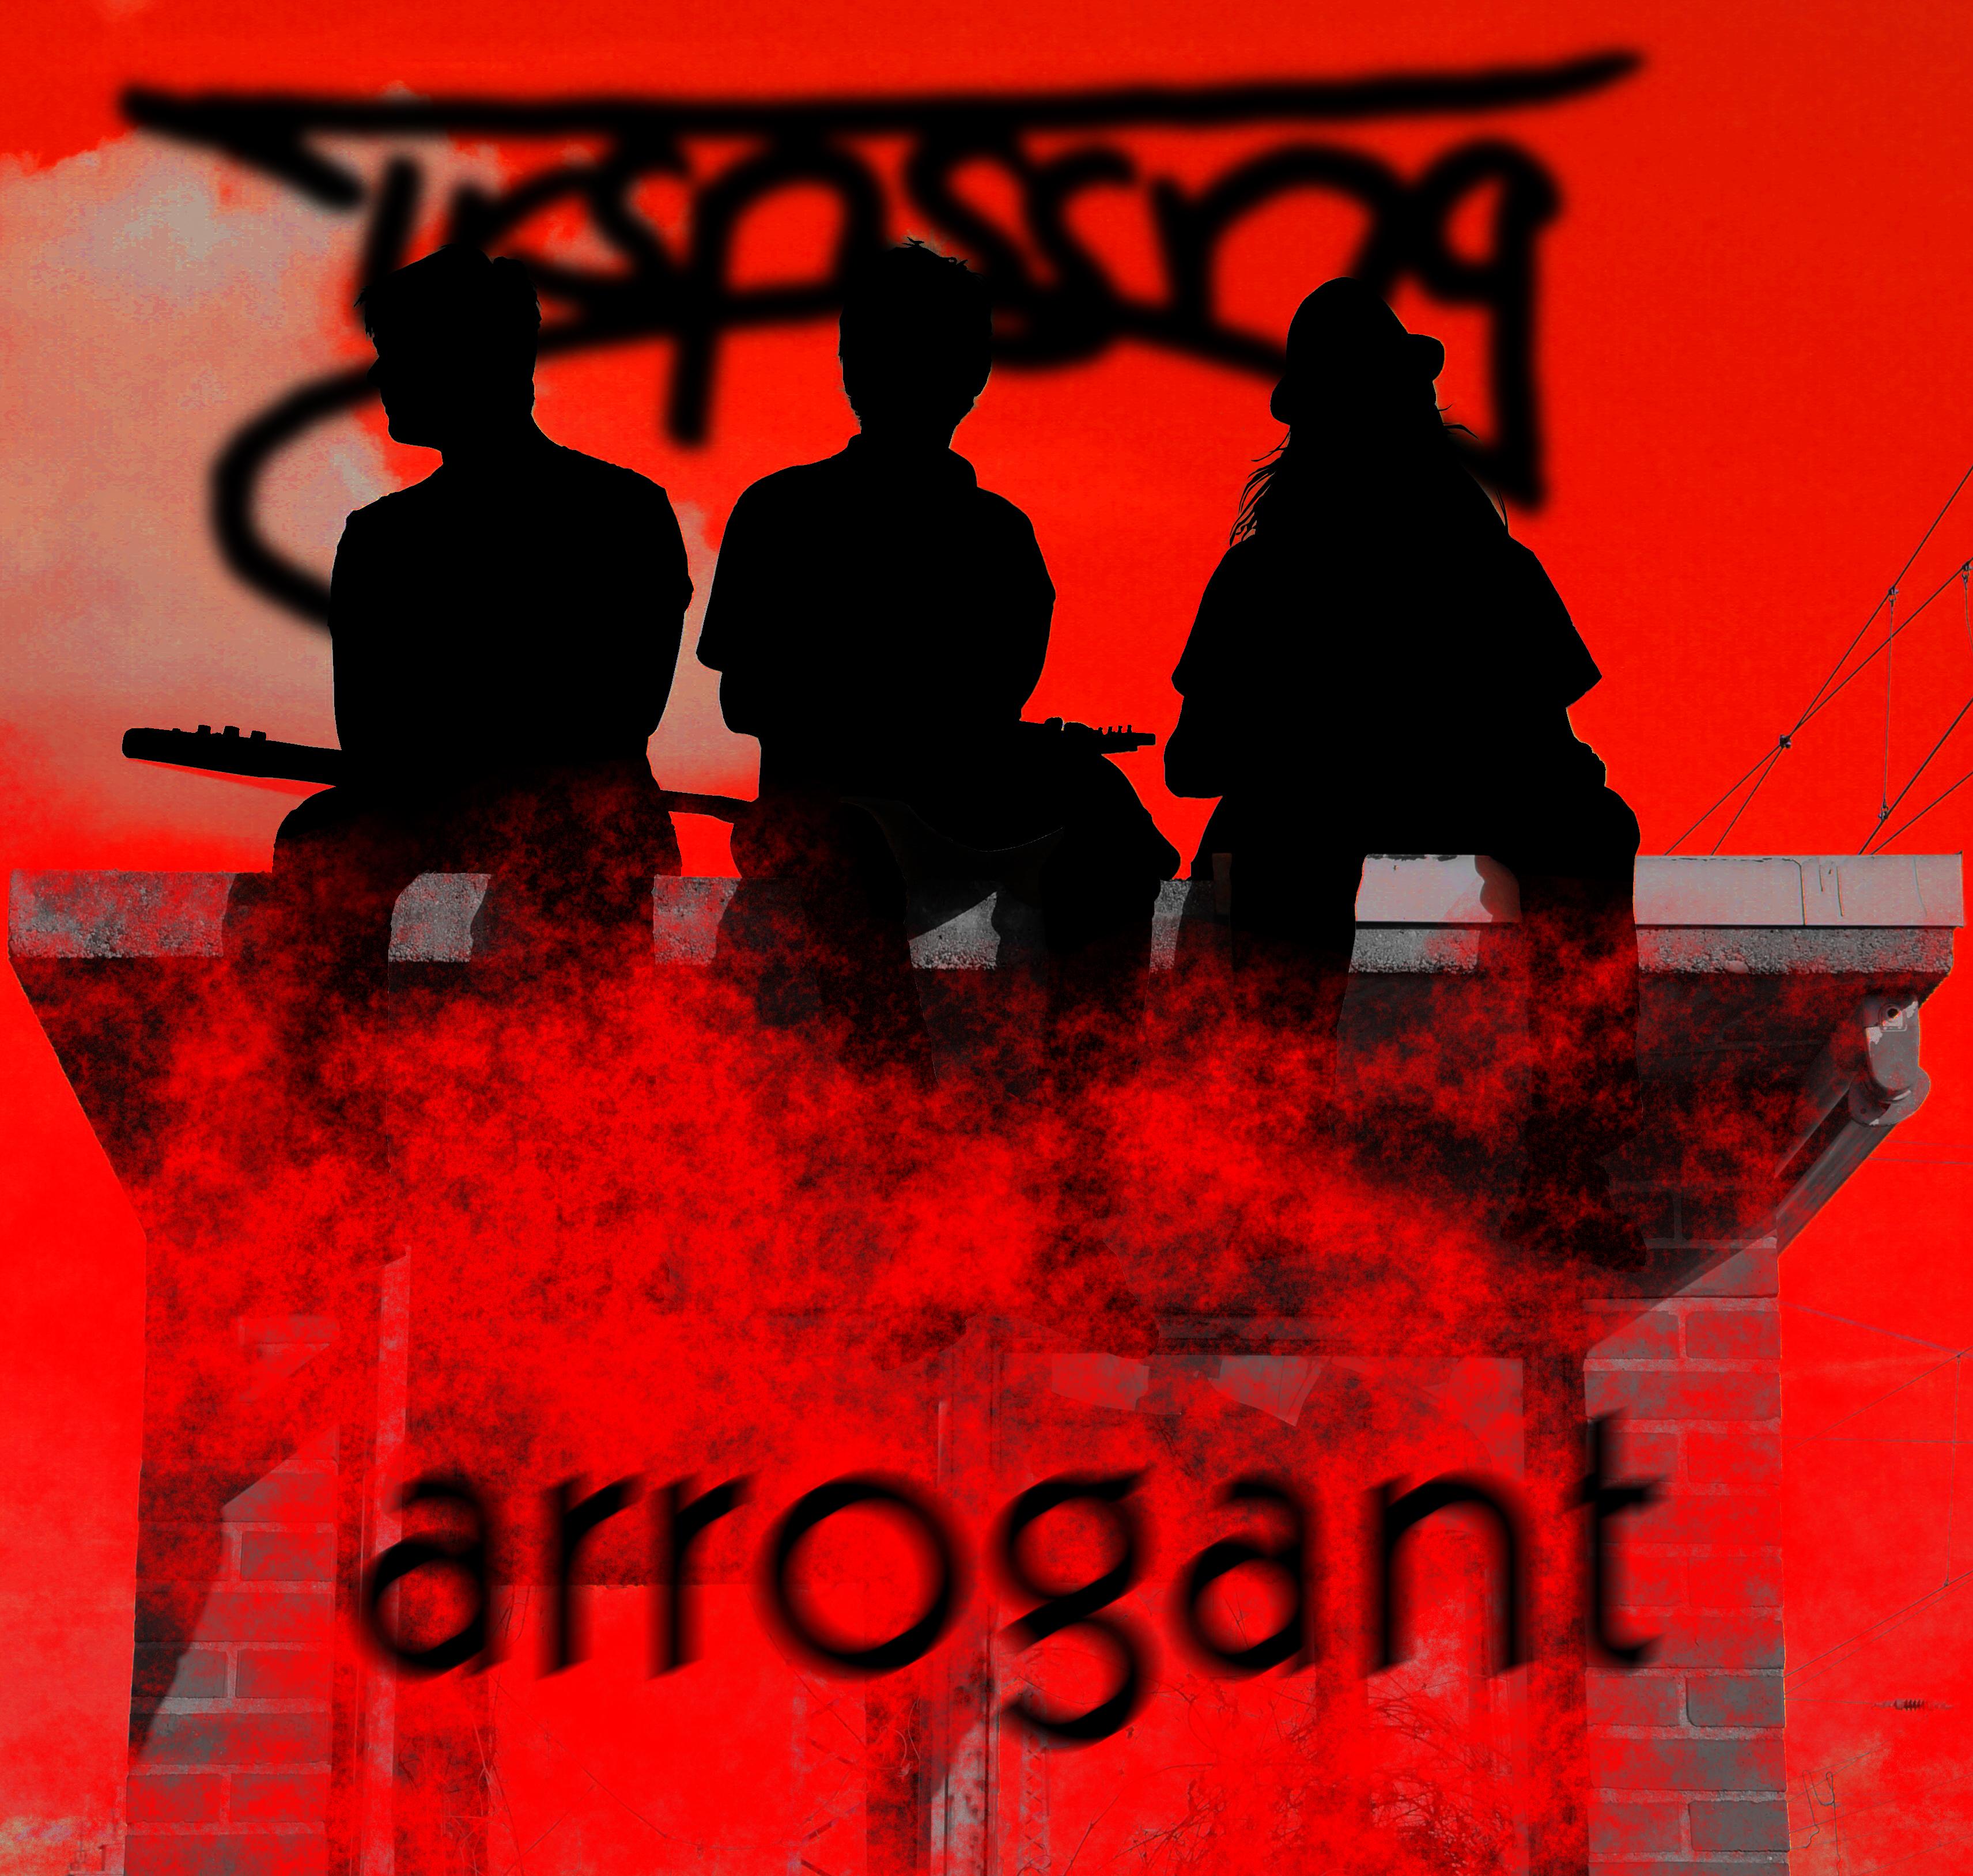 TRSPSSNG – Arrogant